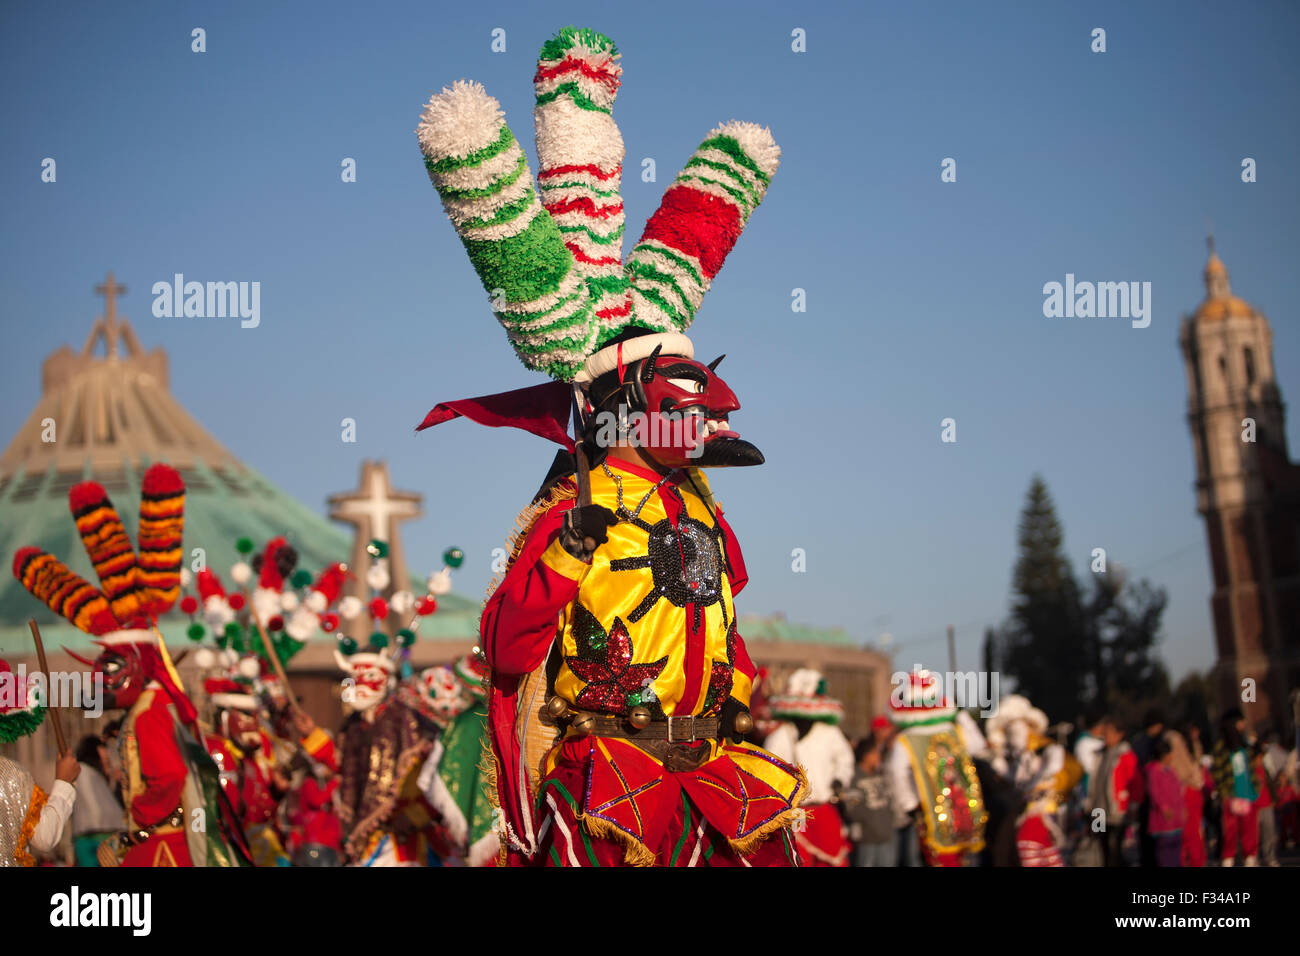 A dancer dressed as Saint James from Chocaman, Veracruz, Mexico. - Stock Image